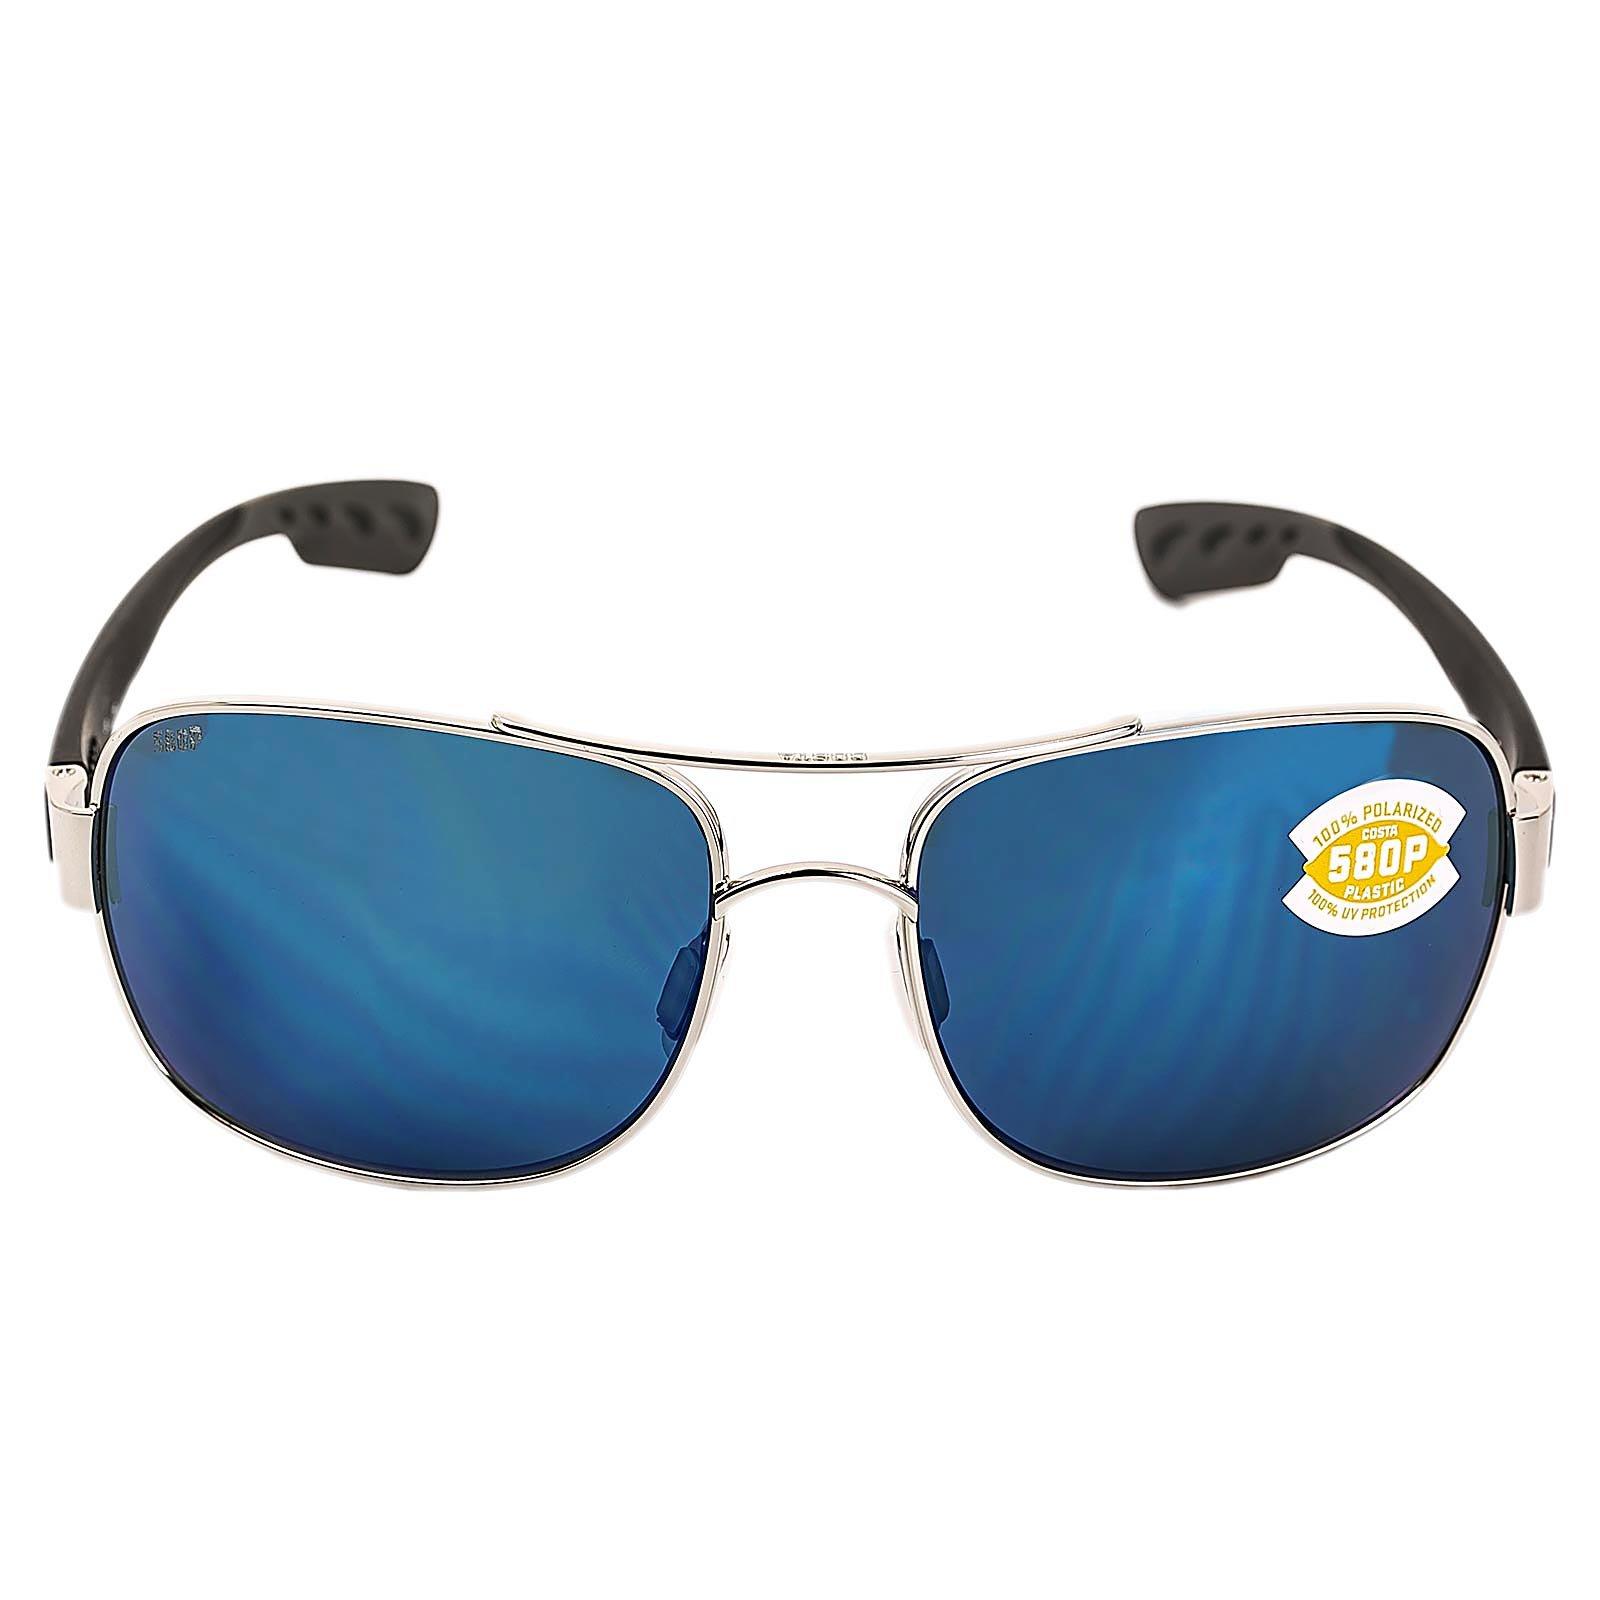 Costa Del Mar Cocos Sunglasses, Palladium, Blue Mirror 580P Lens